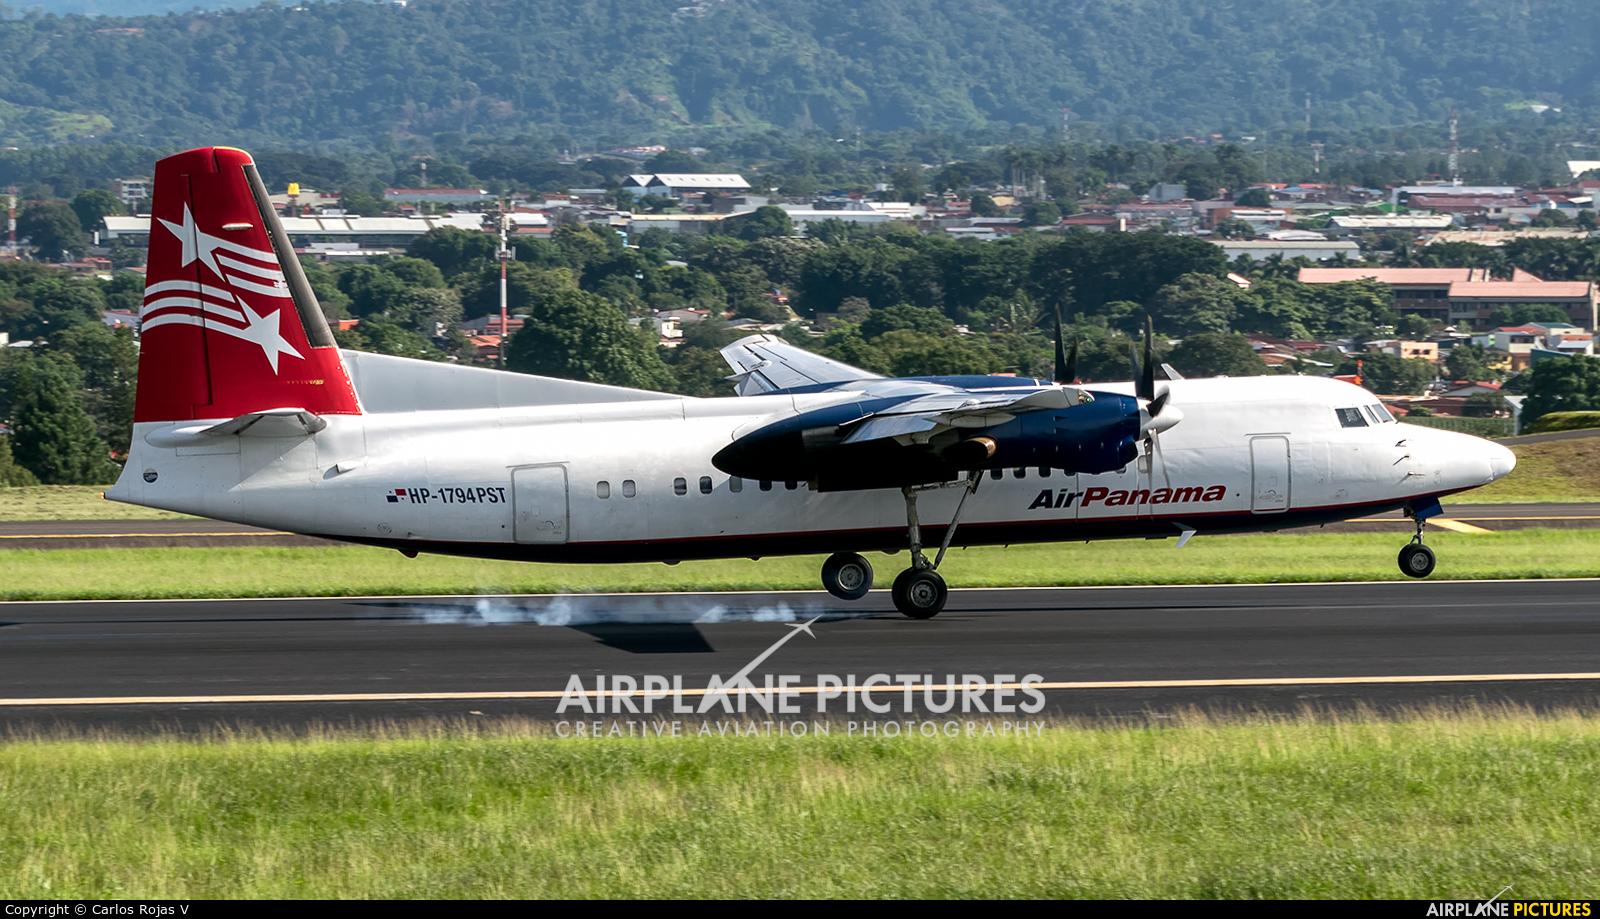 Air Panama HP-1794PST aircraft at San Jose - Juan Santamaría Intl